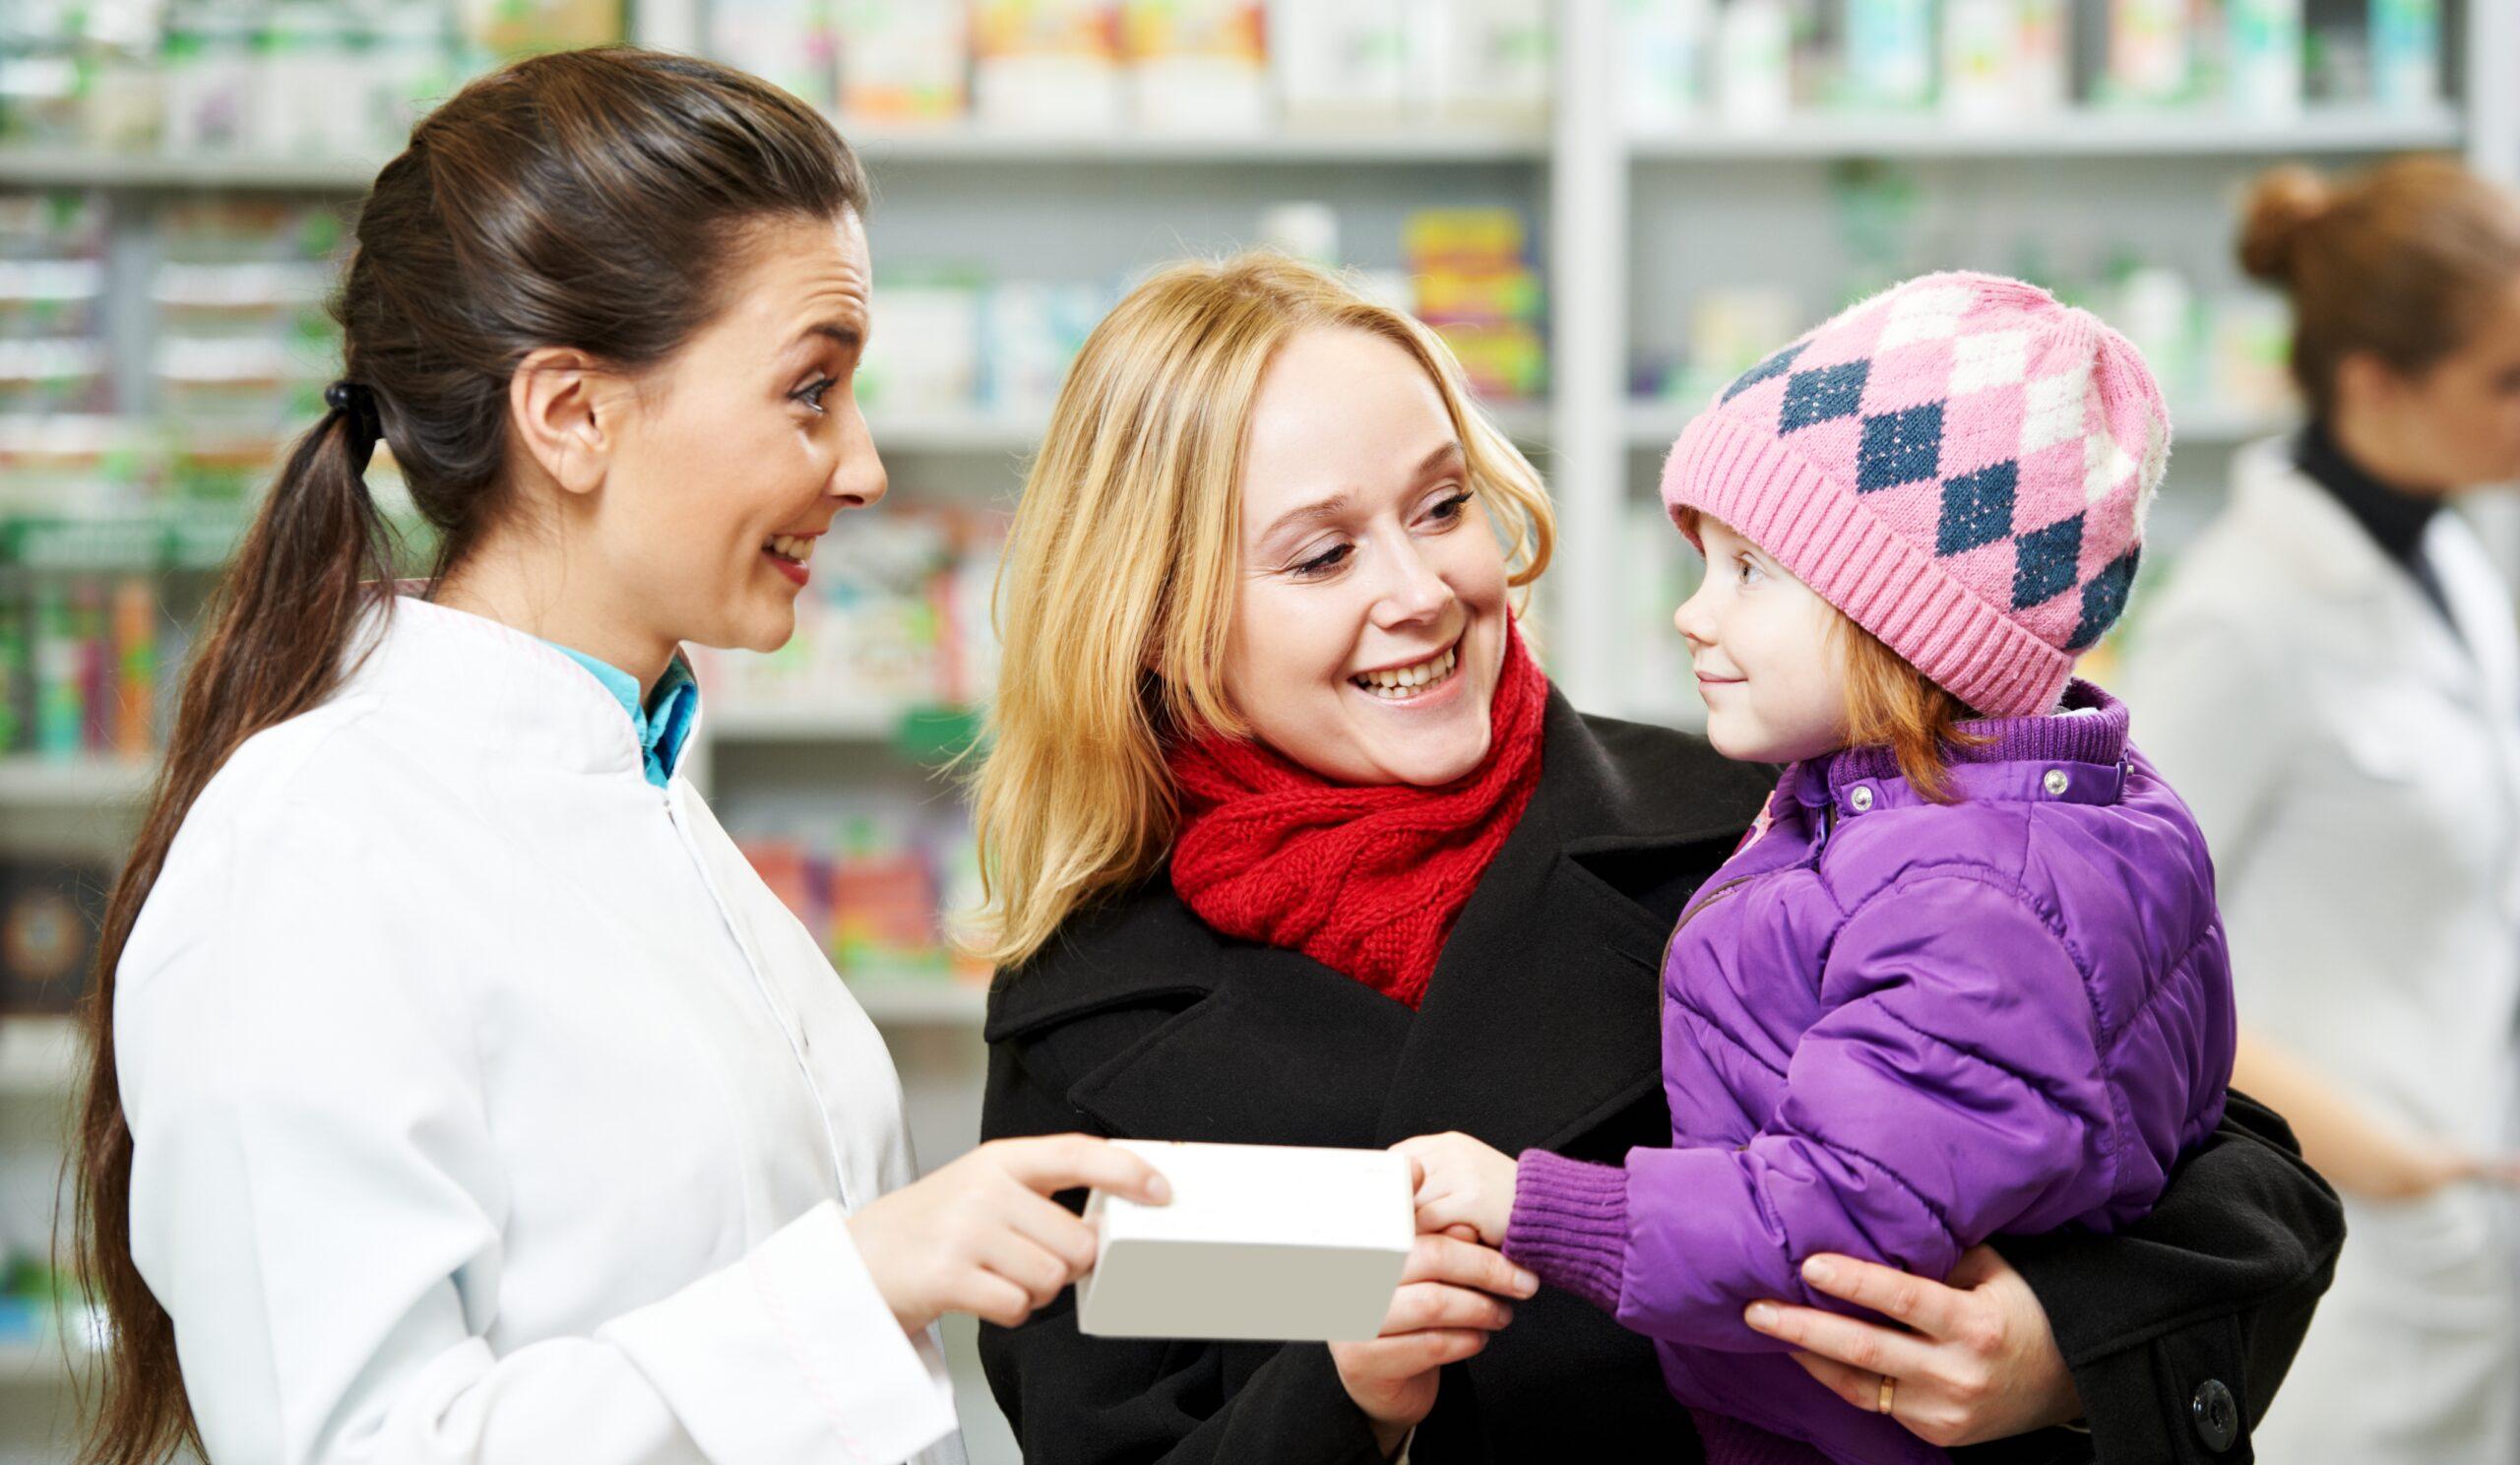 (P) 5 Motive pentru care bucureștenii aleg să meargă la Farmacia Ana Maria când au o problemă medicală